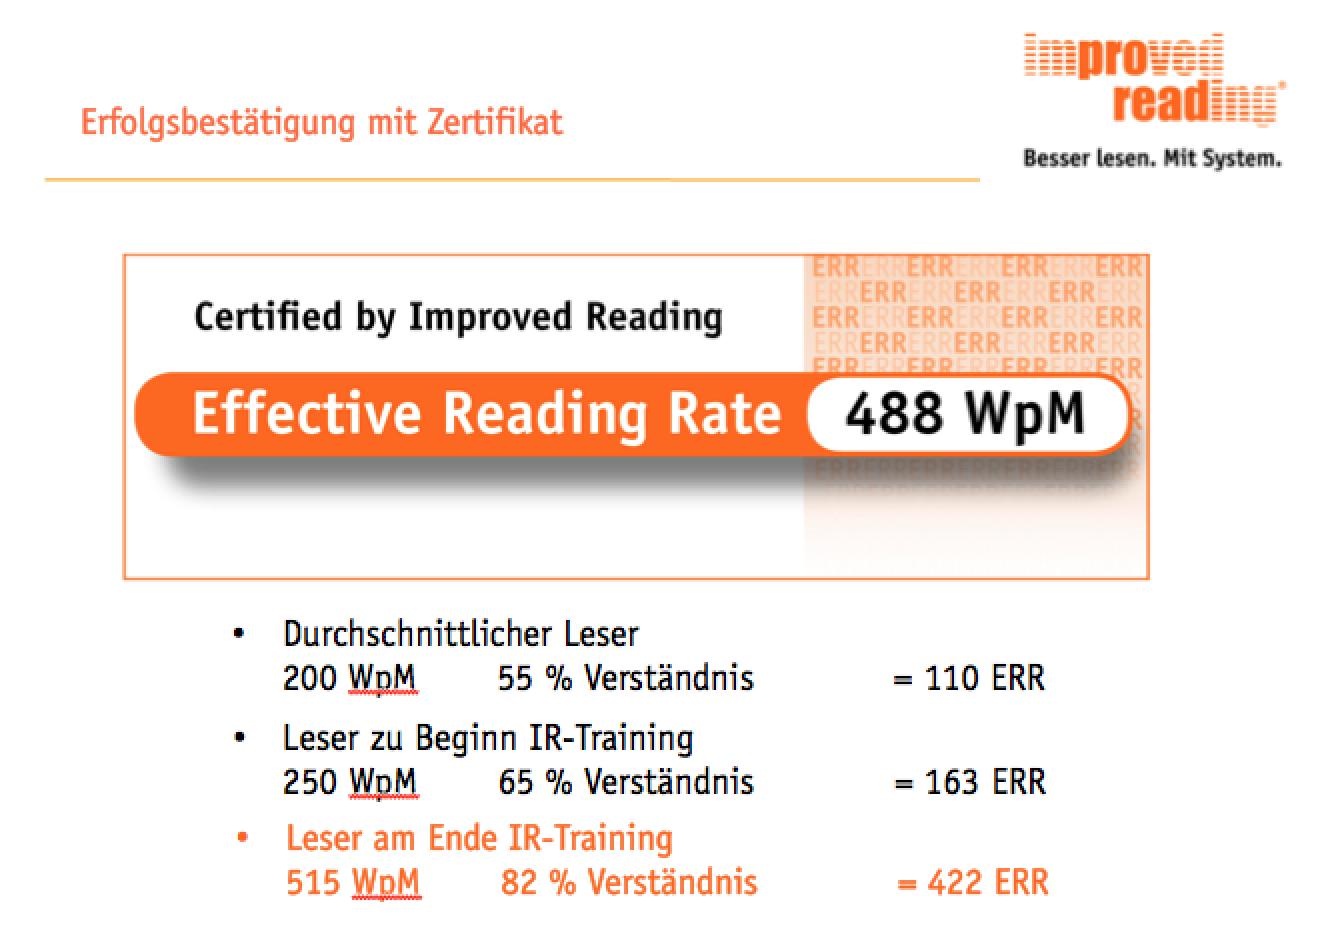 Im Schnitt verbessern sich die Teilnehmer unseres 2-tägigen Speed Reading Trainings um das 2,7-fache (Lesetempo bezogen auf Verständnis) - das Ergebnis wird mit einem Zertifikat dokumentiert, das sich z.B. gut für Bewerbungen eignet